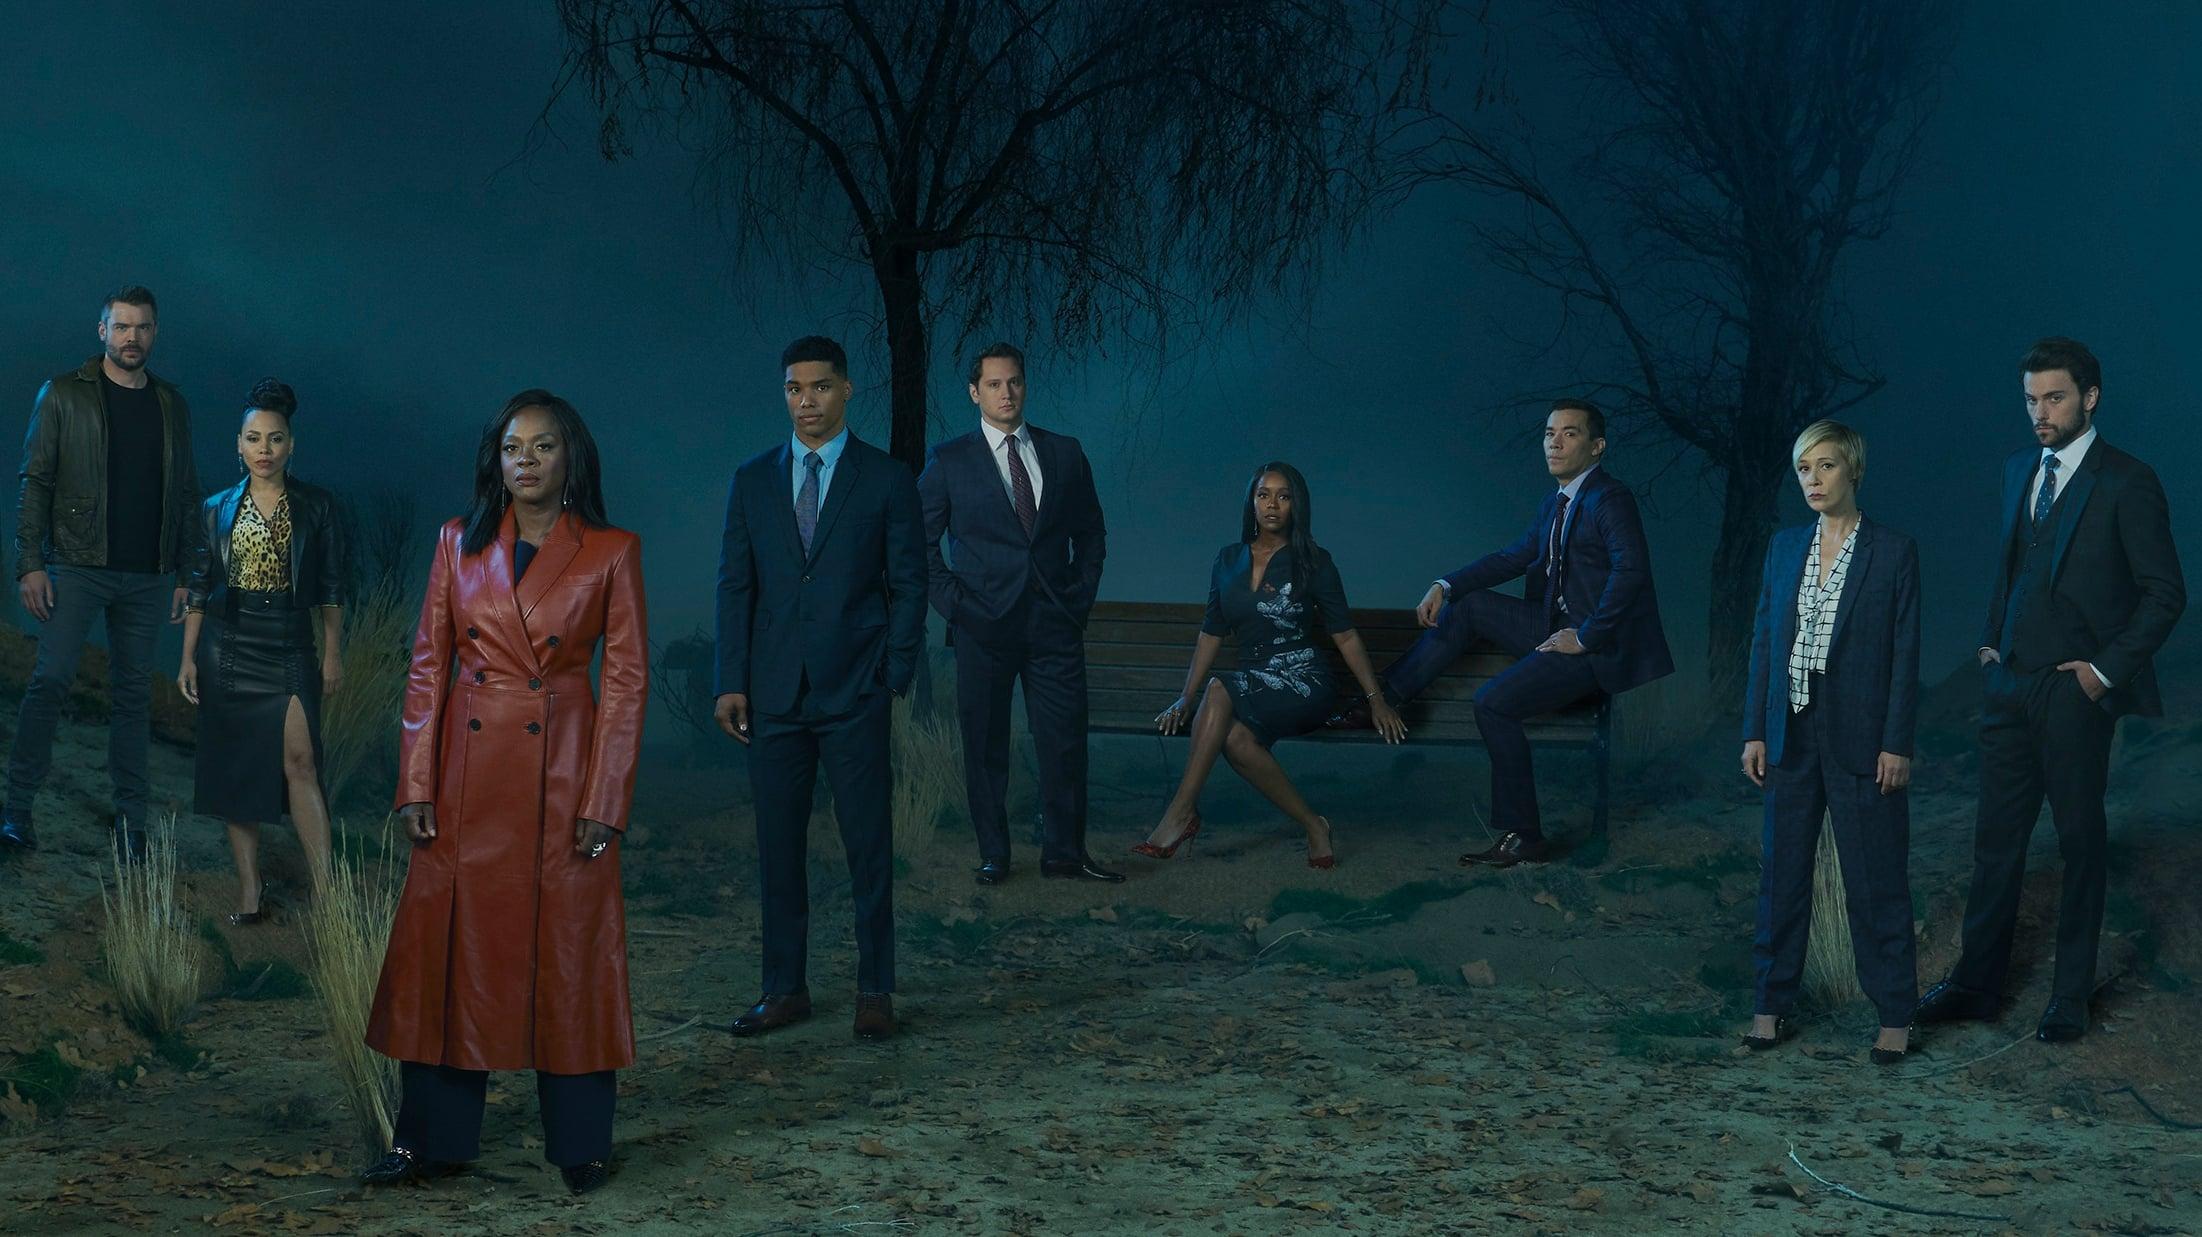 Le regole del delitto perfetto - Season 6 Episode 3